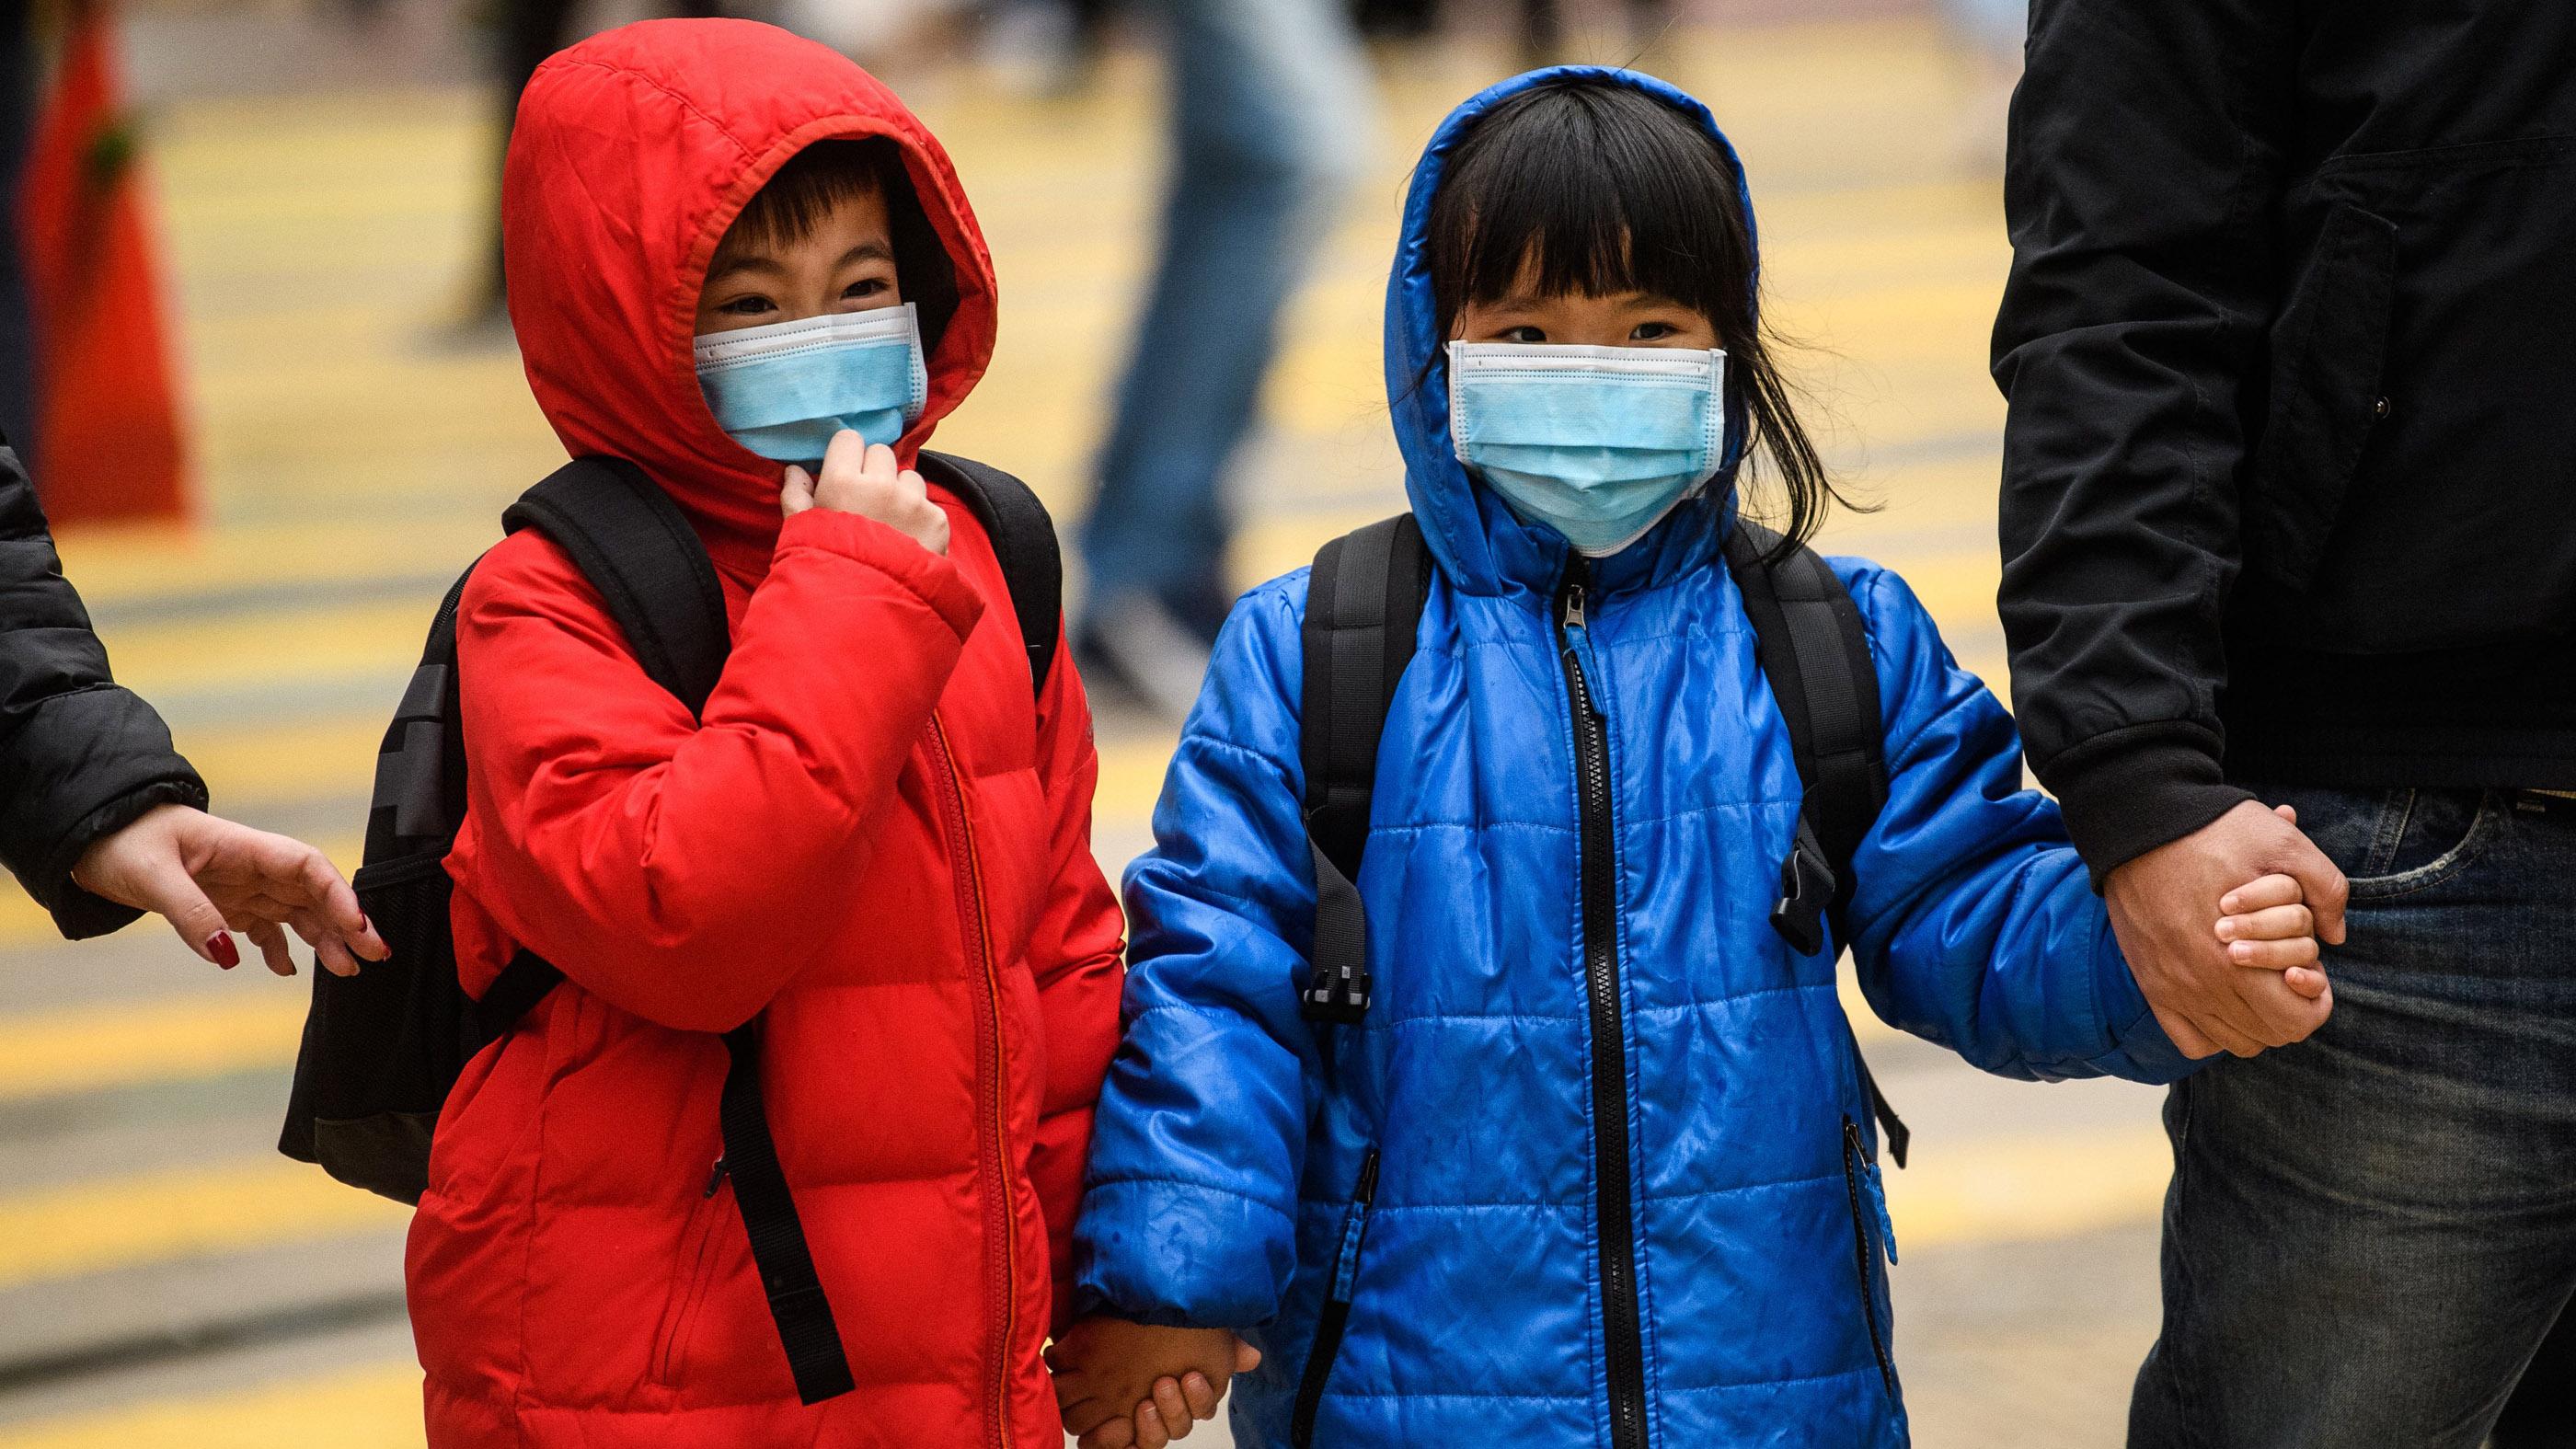 چند توصیه برای ترغیب کودکان به استفاده از ماسک